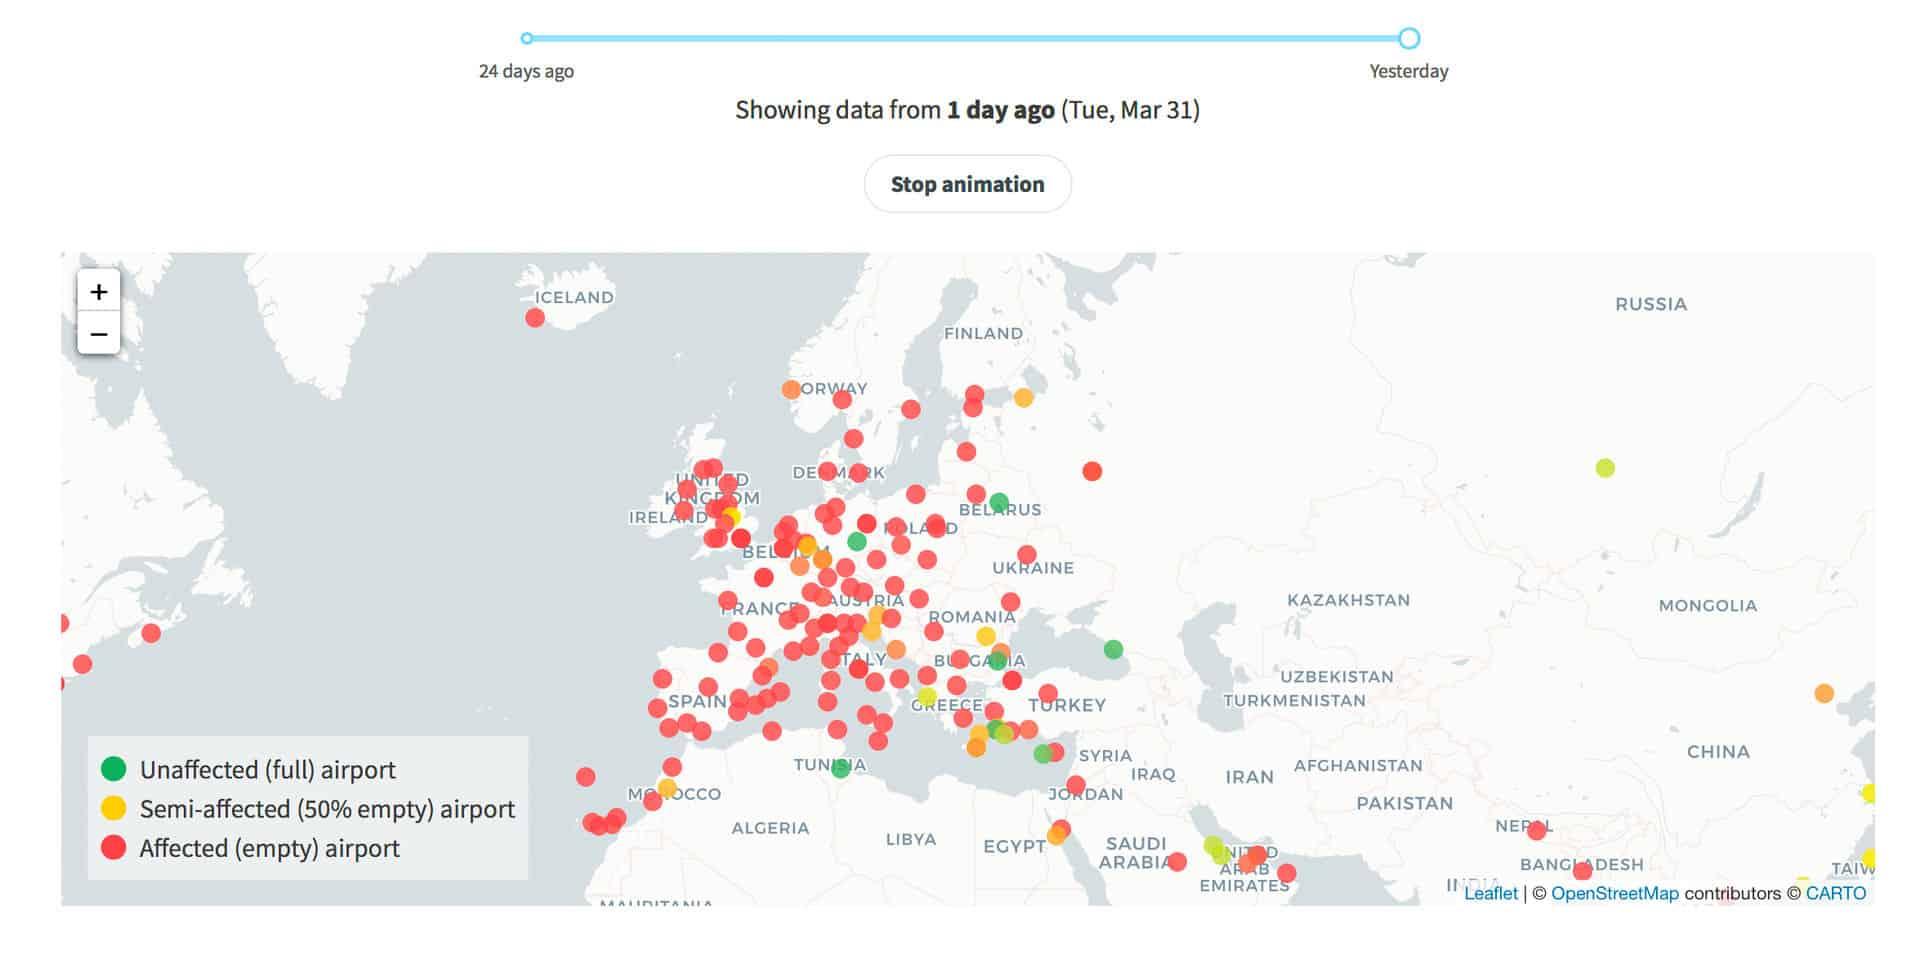 Aropuertos cerrados en Europa